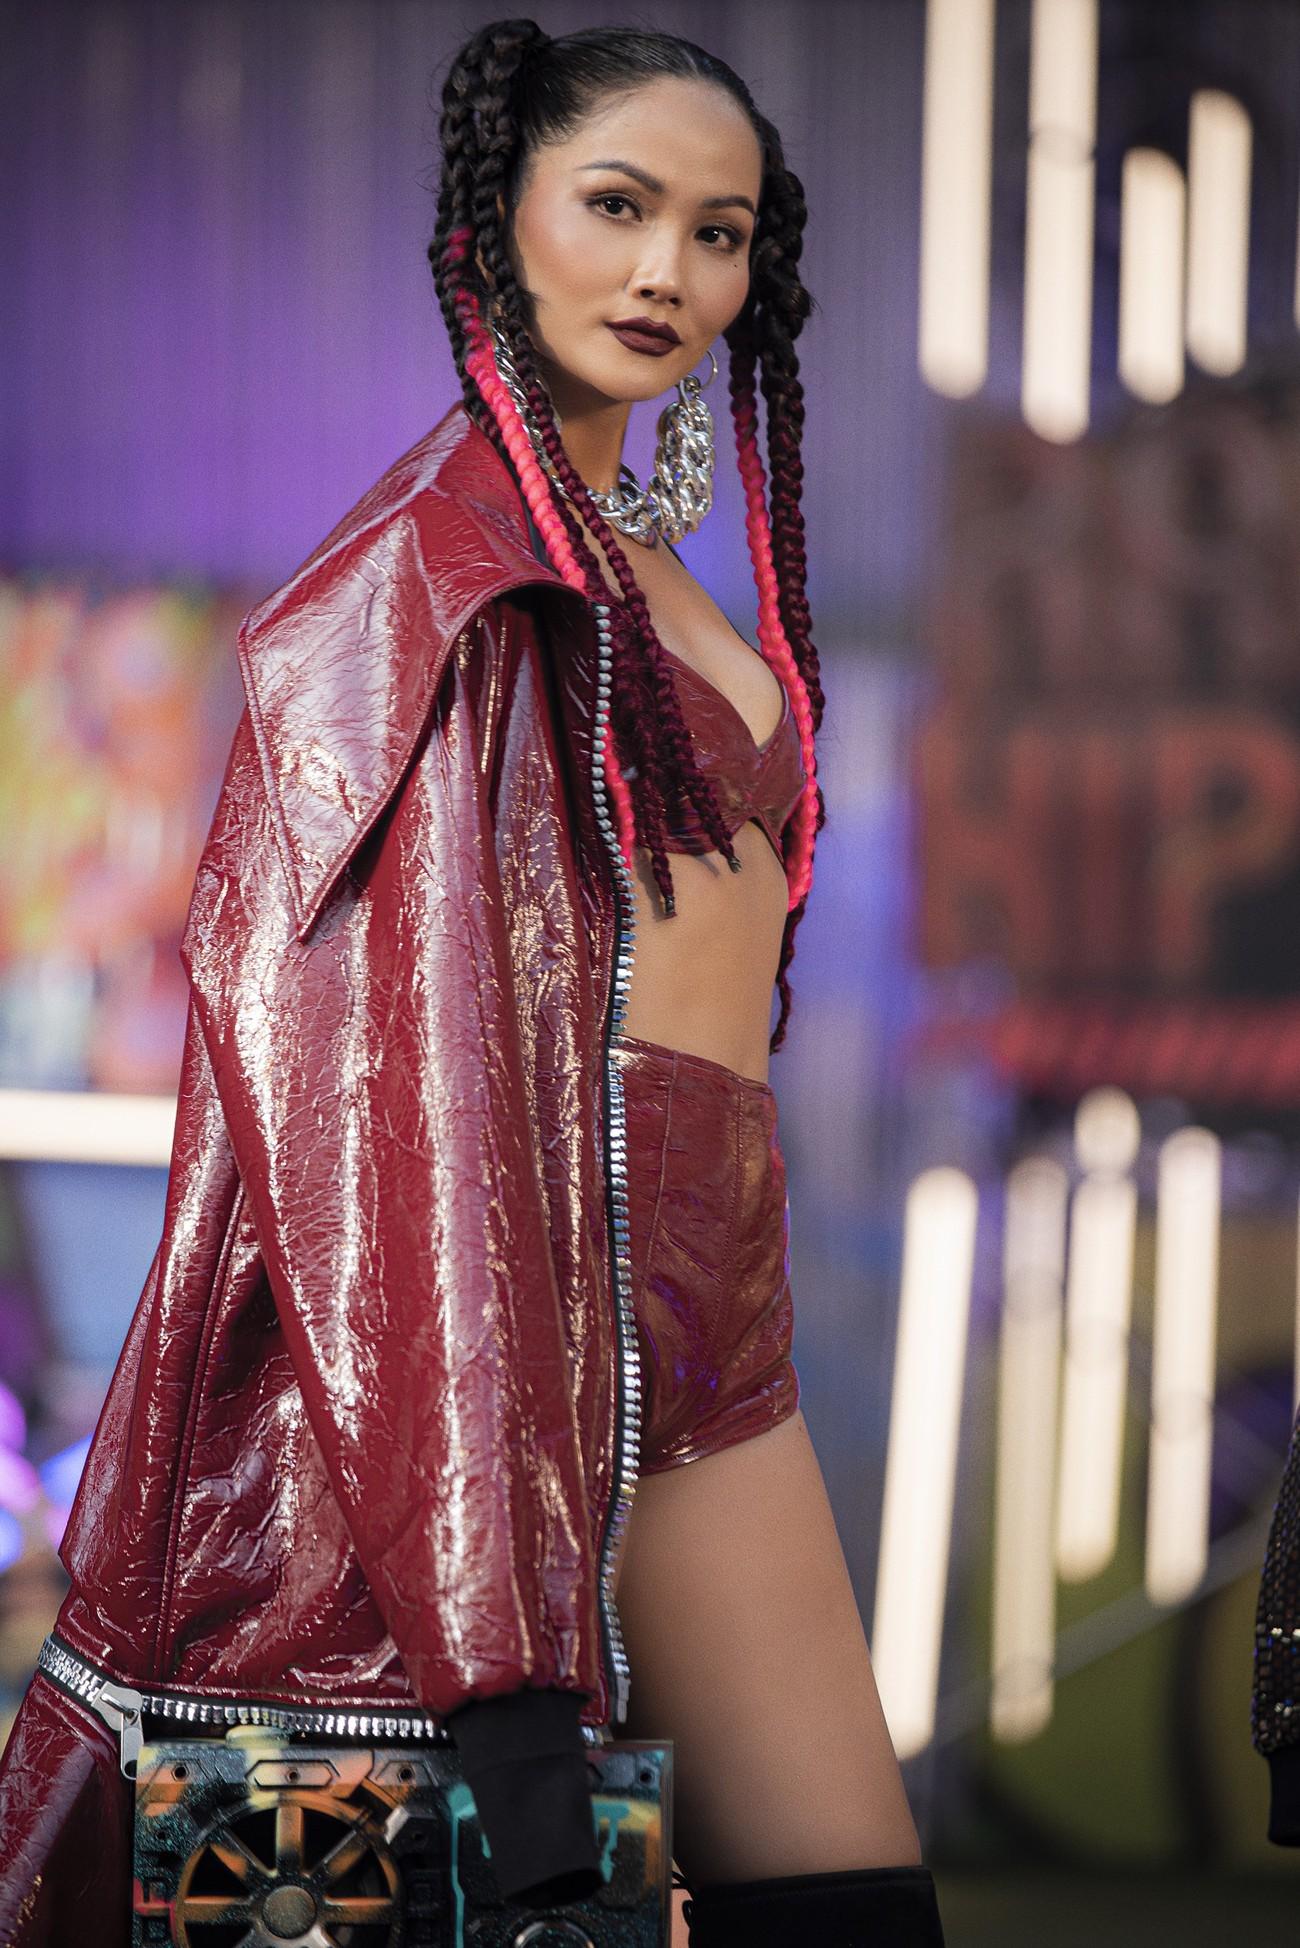 H'Hen Niê tái xuất với phong cách đường phố, mặc áo crop-top khoe hình thể nóng bỏng ảnh 4